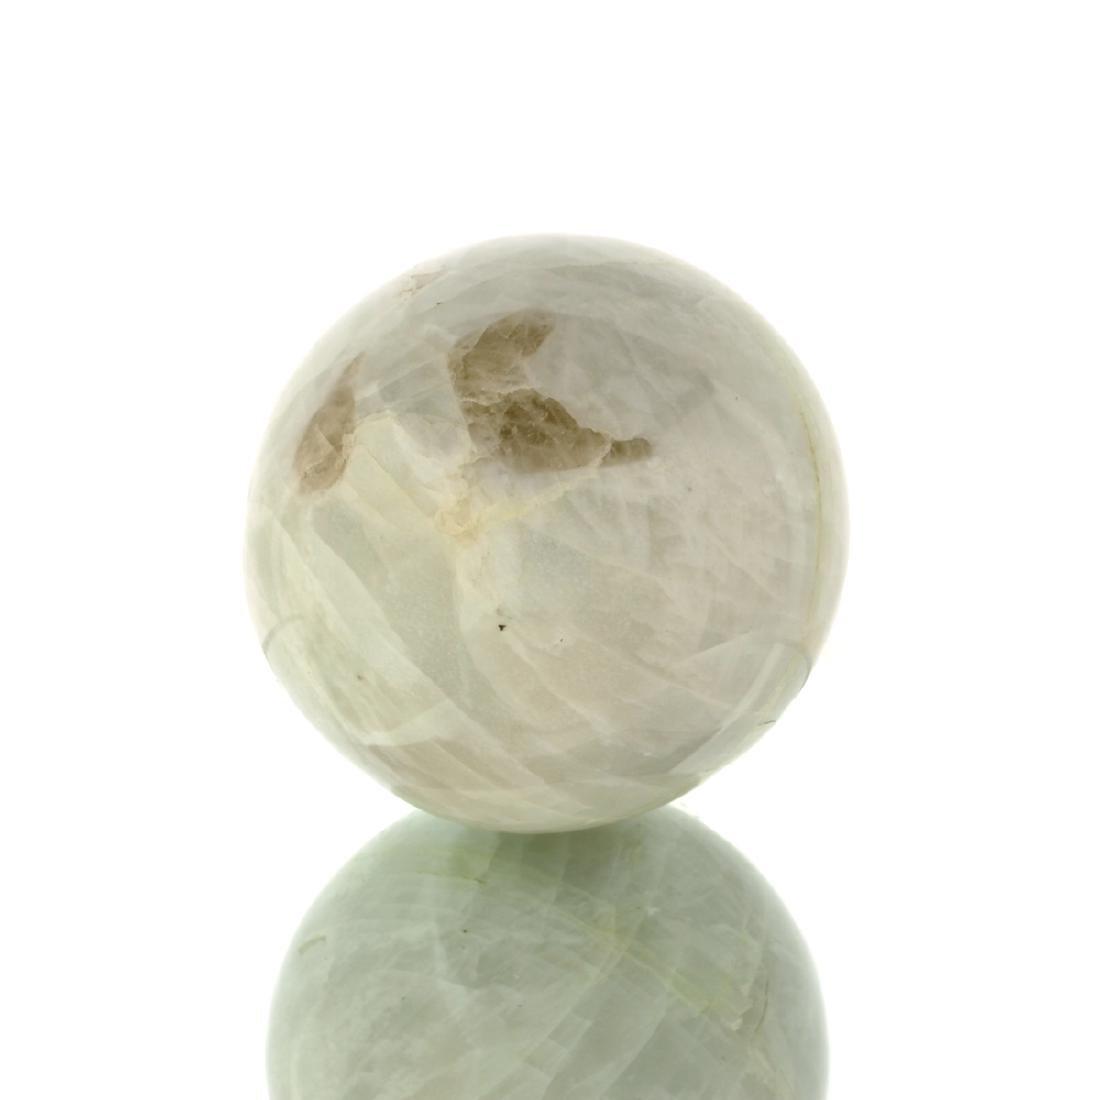 APP: 1k Rare 878.00CT Sphere Cut White Quartz Gemstone